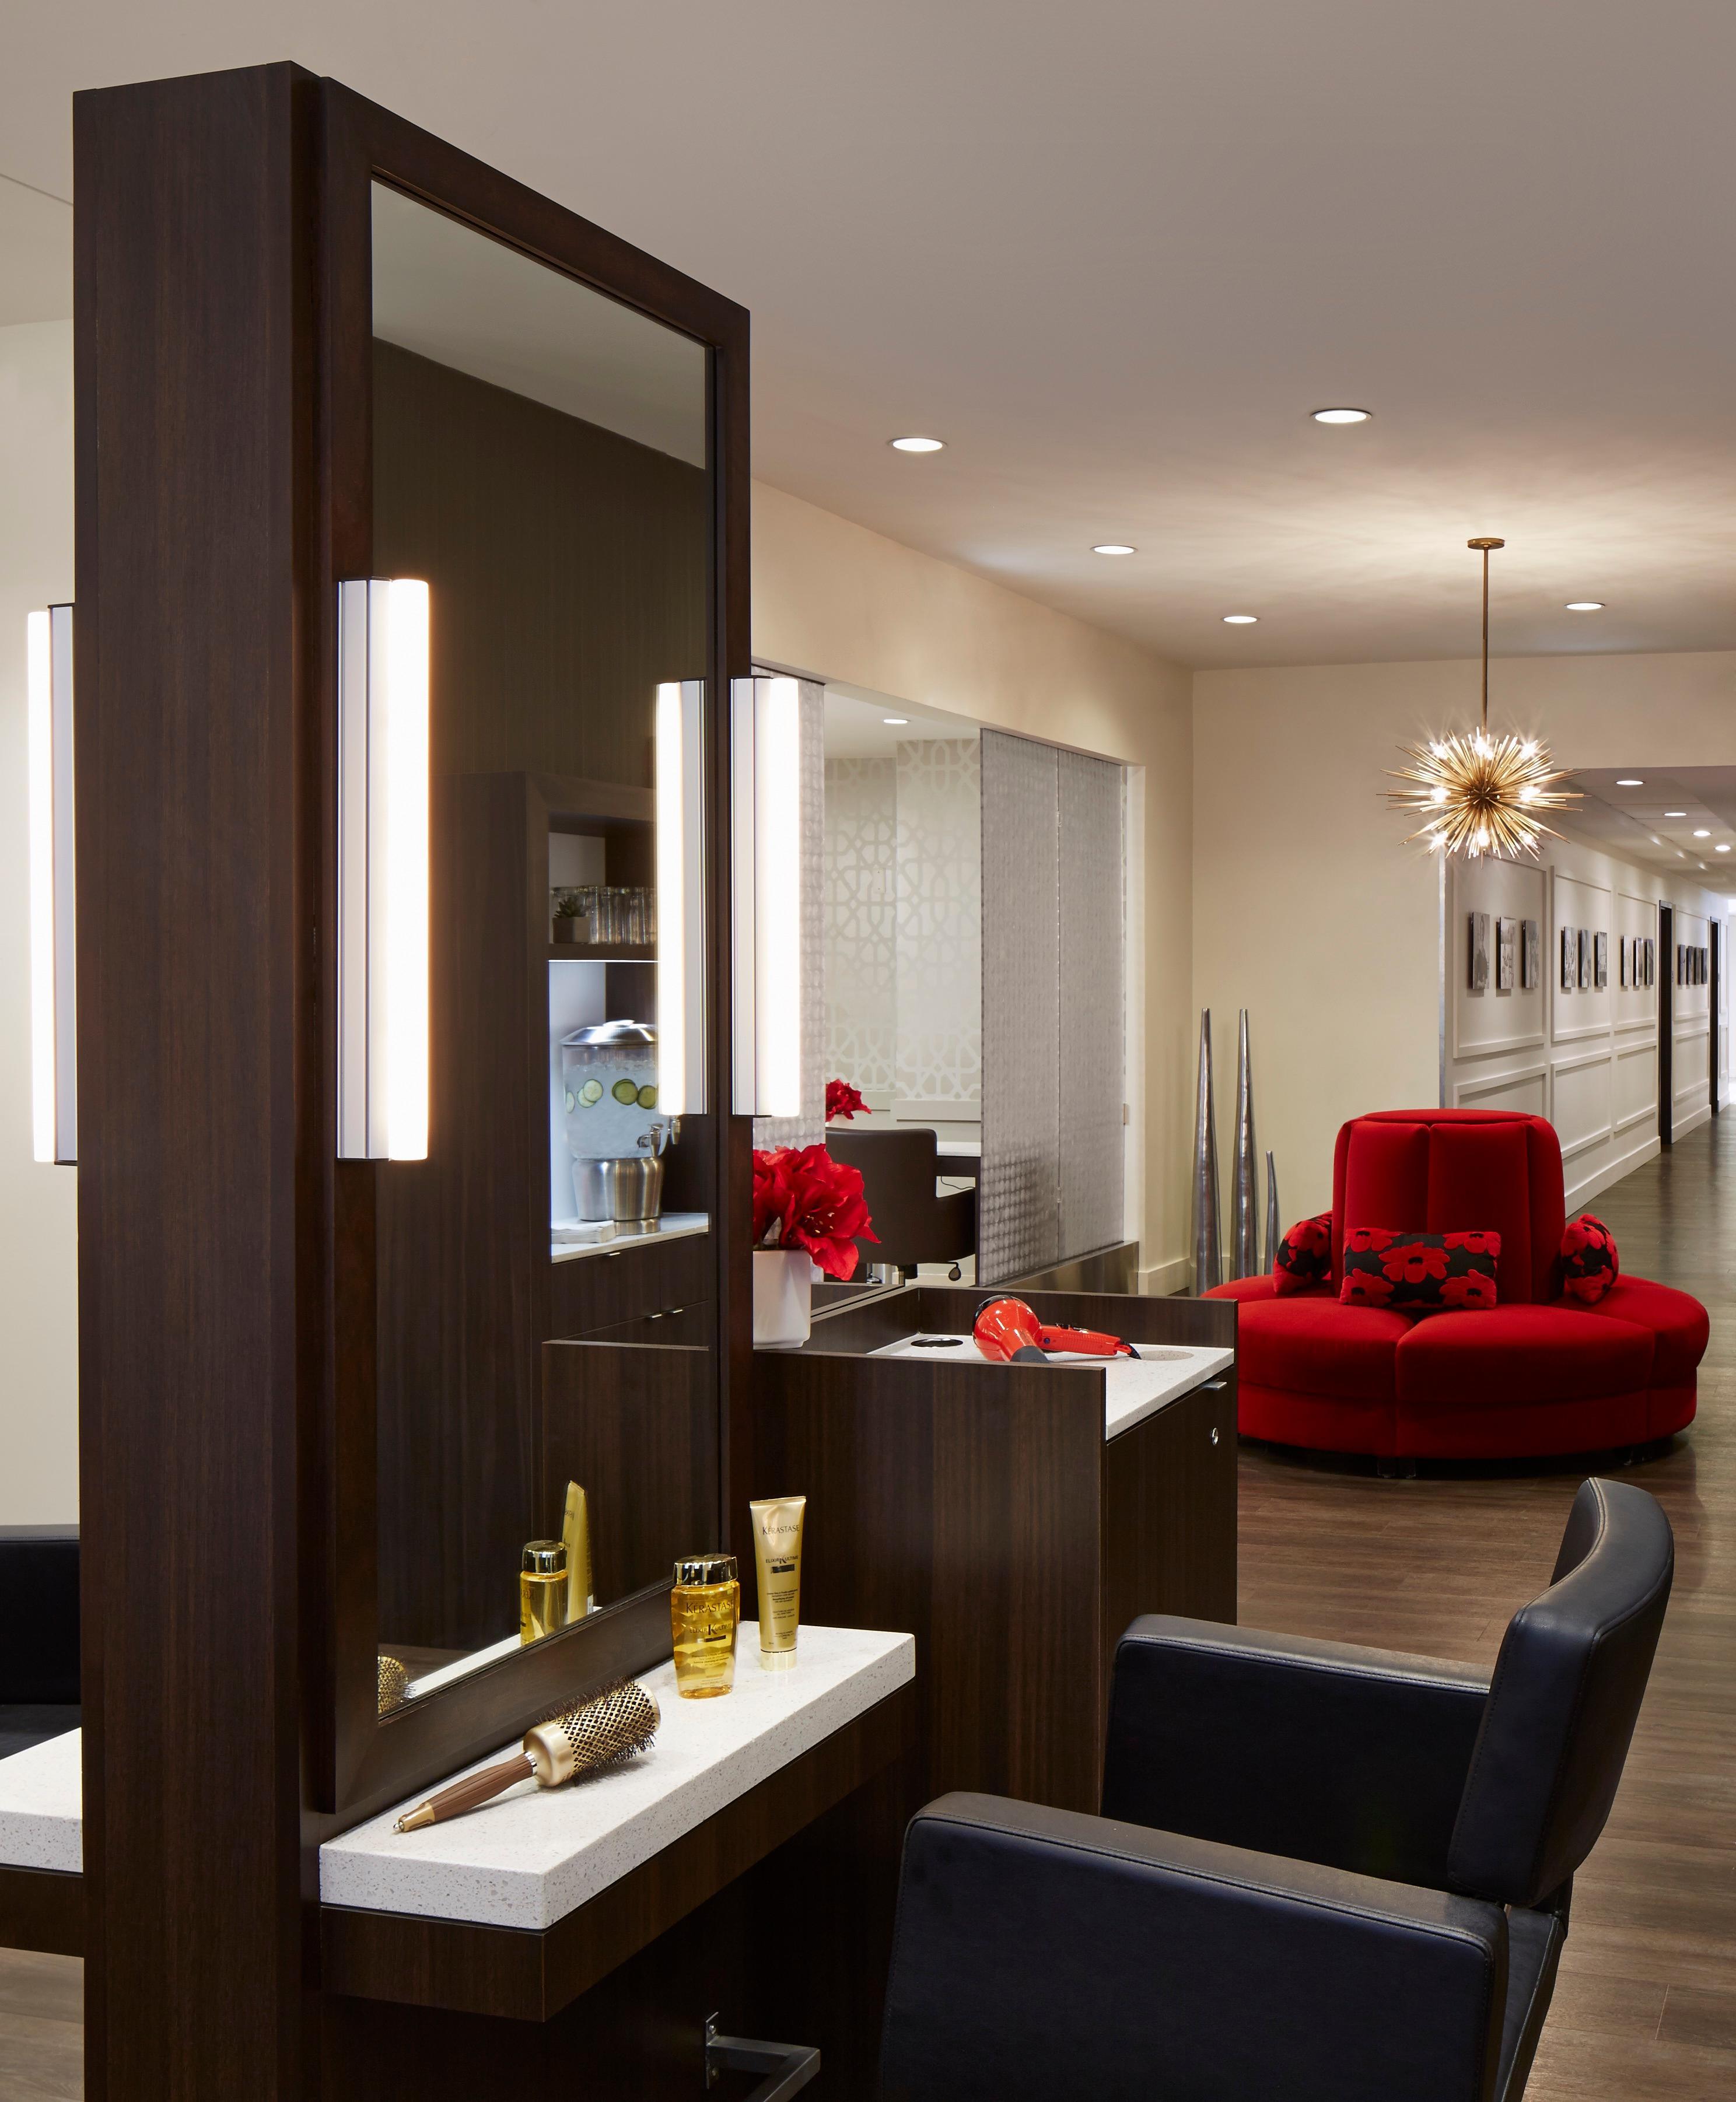 The Red Door Salon U0026 Spa, Chicago Illinois (IL .